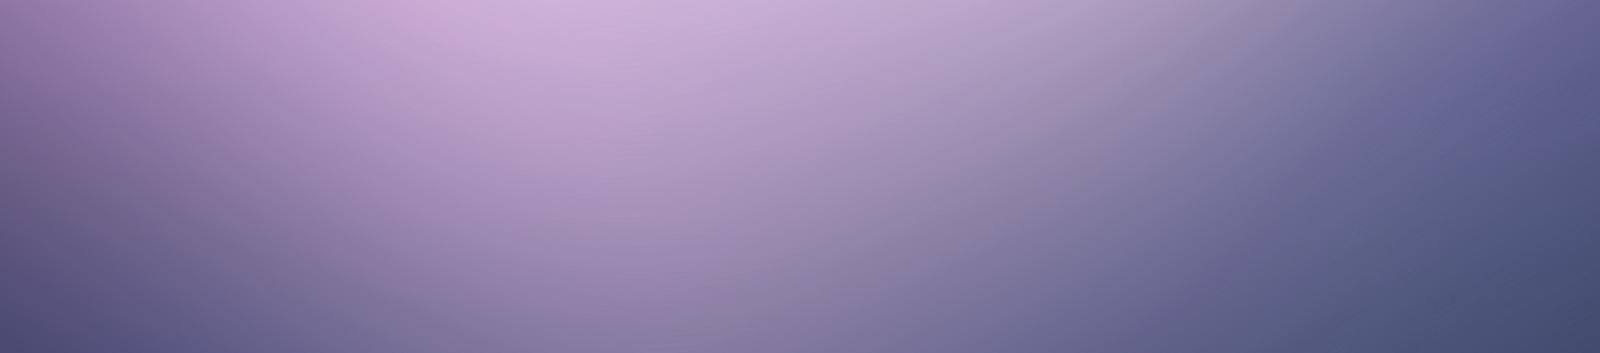 purple gradient background banner